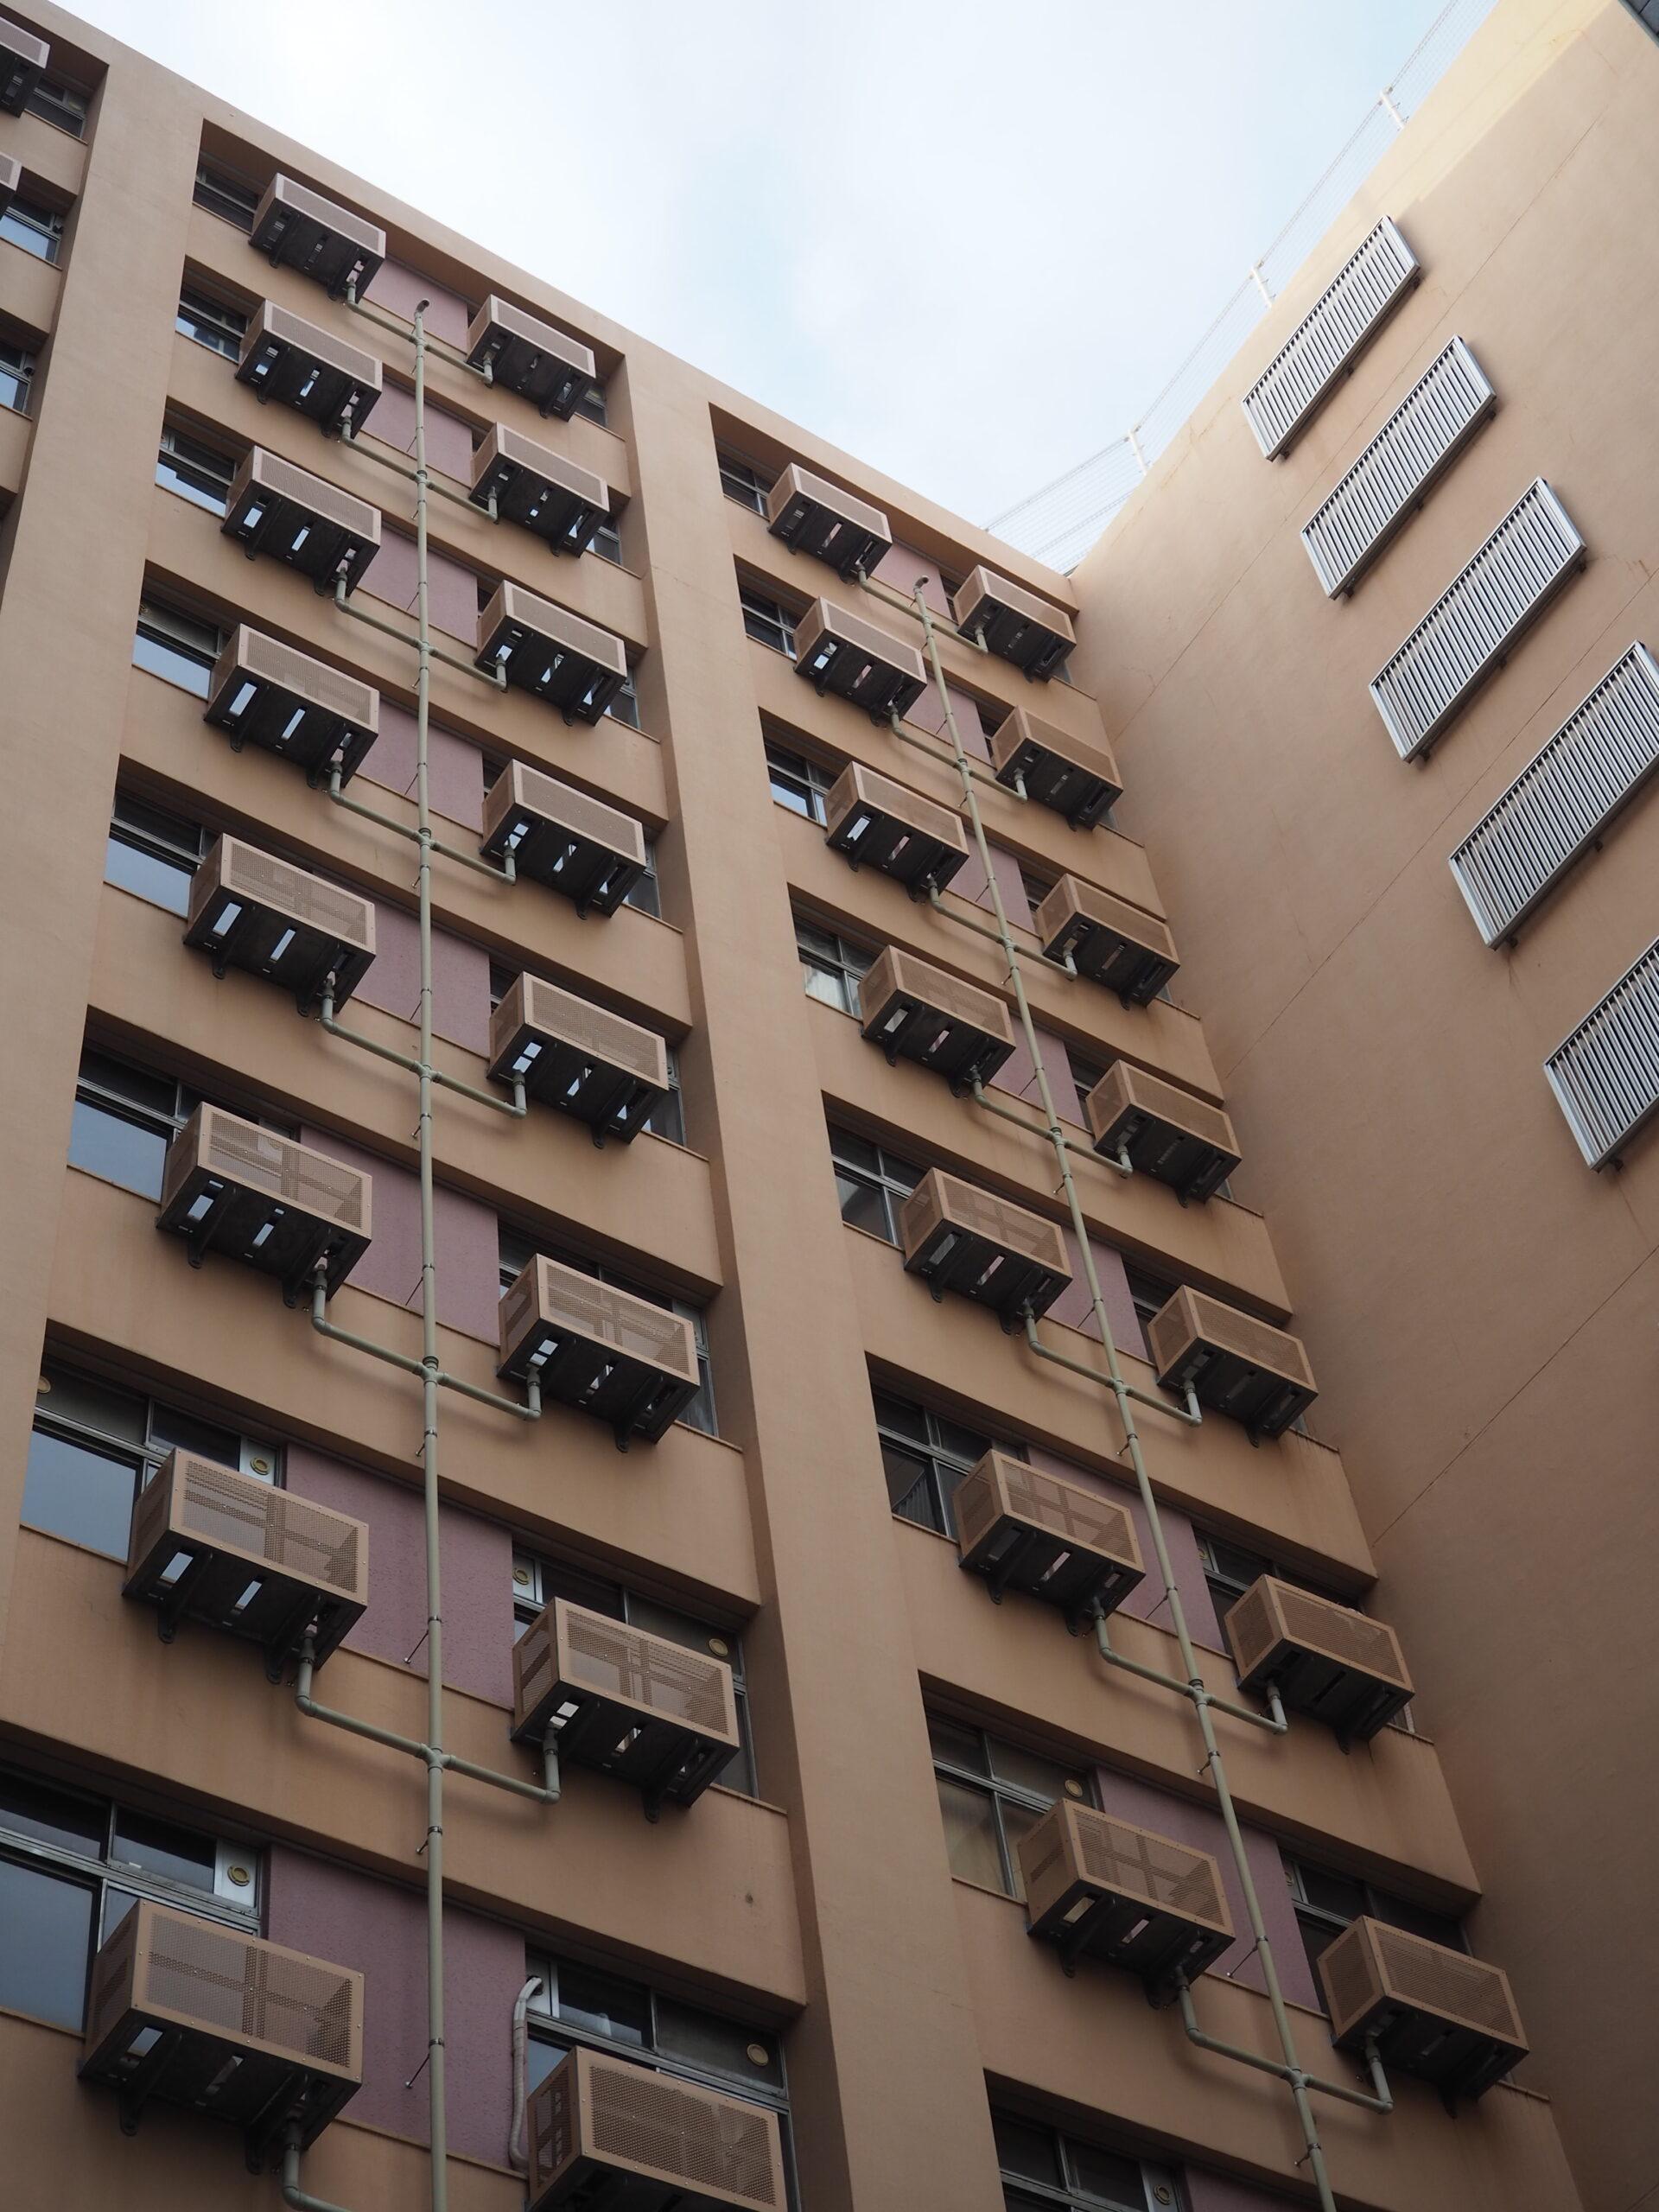 東京都、マンション管理状況届出率68%―管理不全の兆候があるのは1226棟